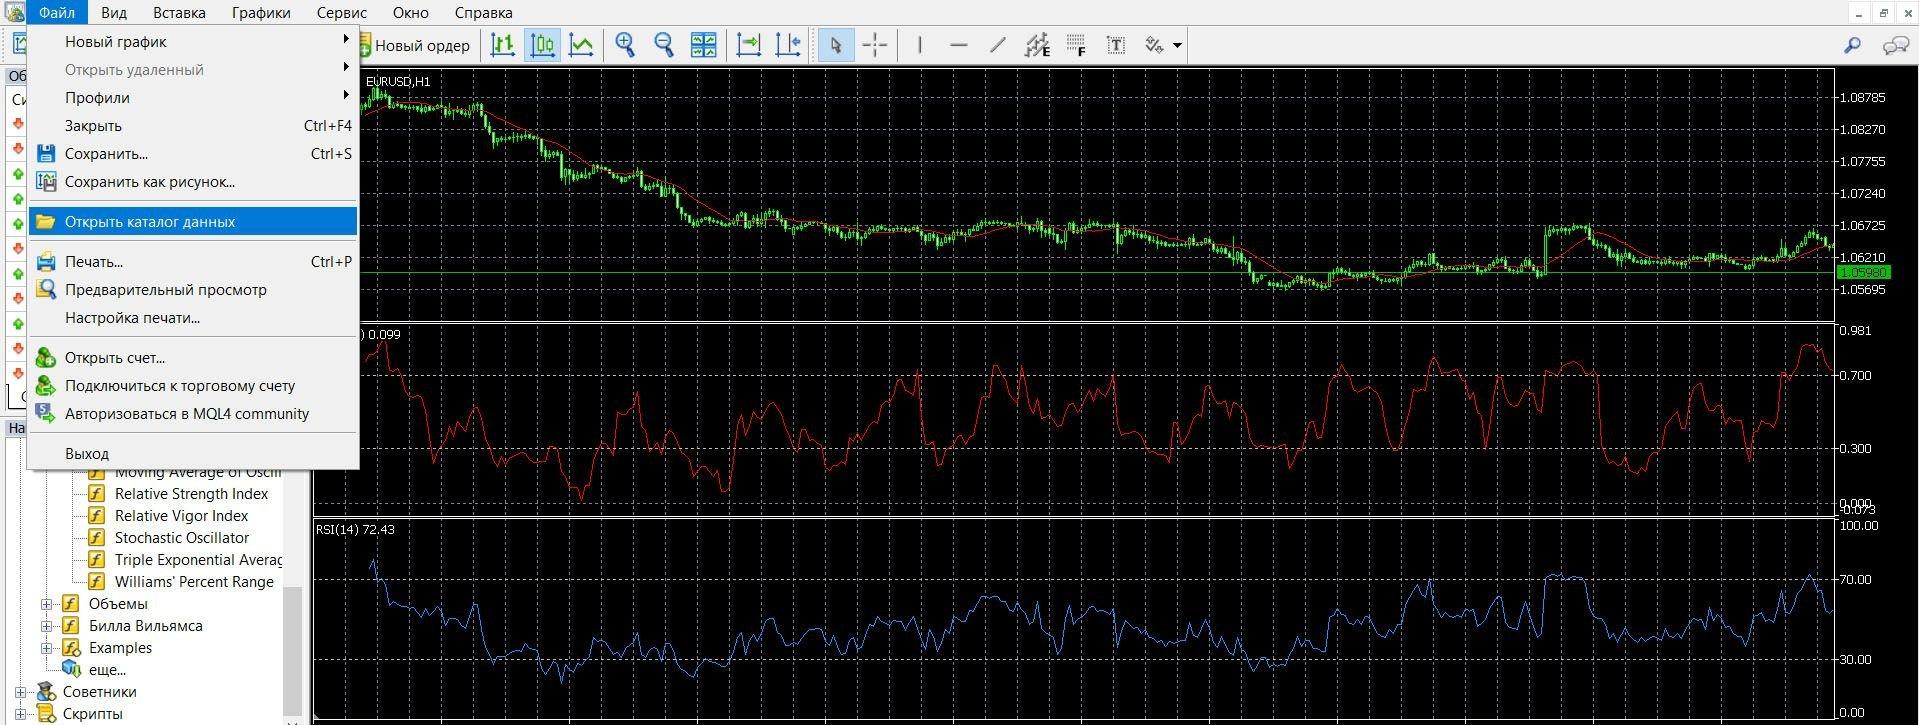 Инструкция как легко установить индикаторы на платформу Metatrader4